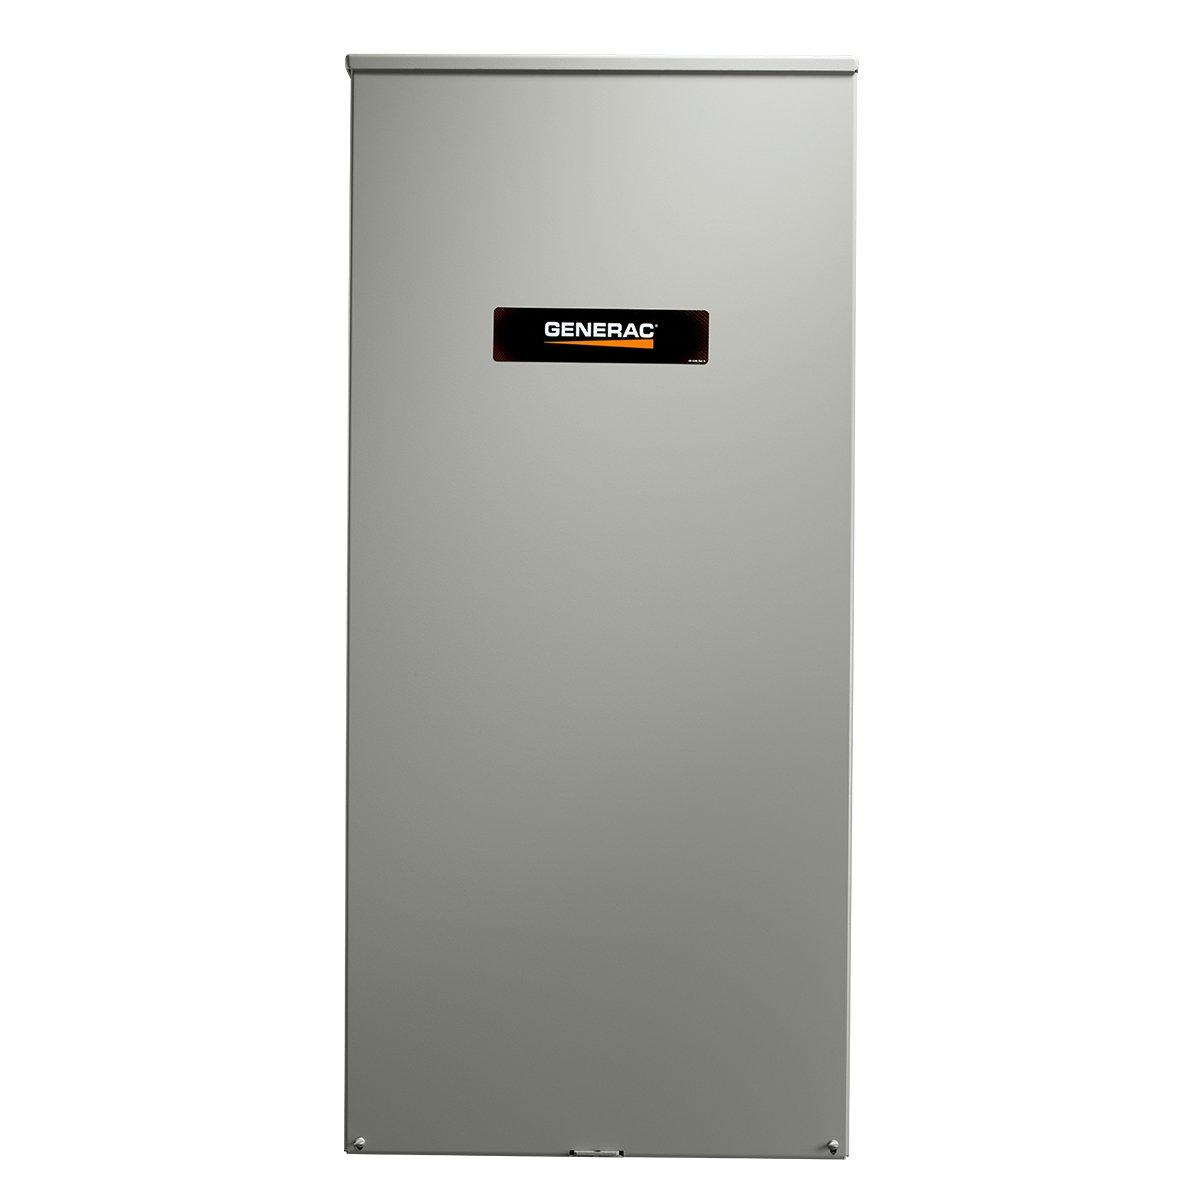 Generac RXSW200A3 200 Amp Smart Transfer Switch